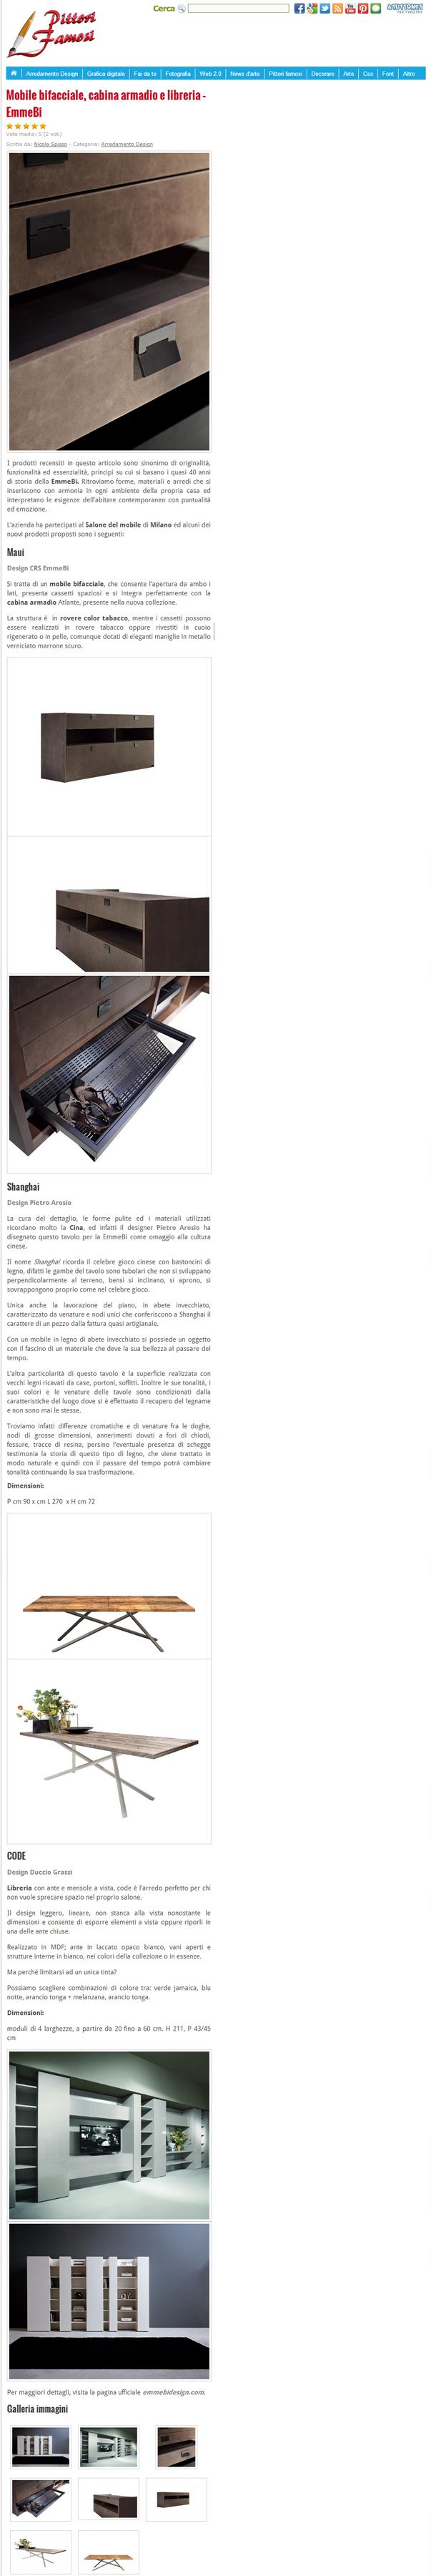 www.pittorifamosi.it 15 Aprile 2013.jpg